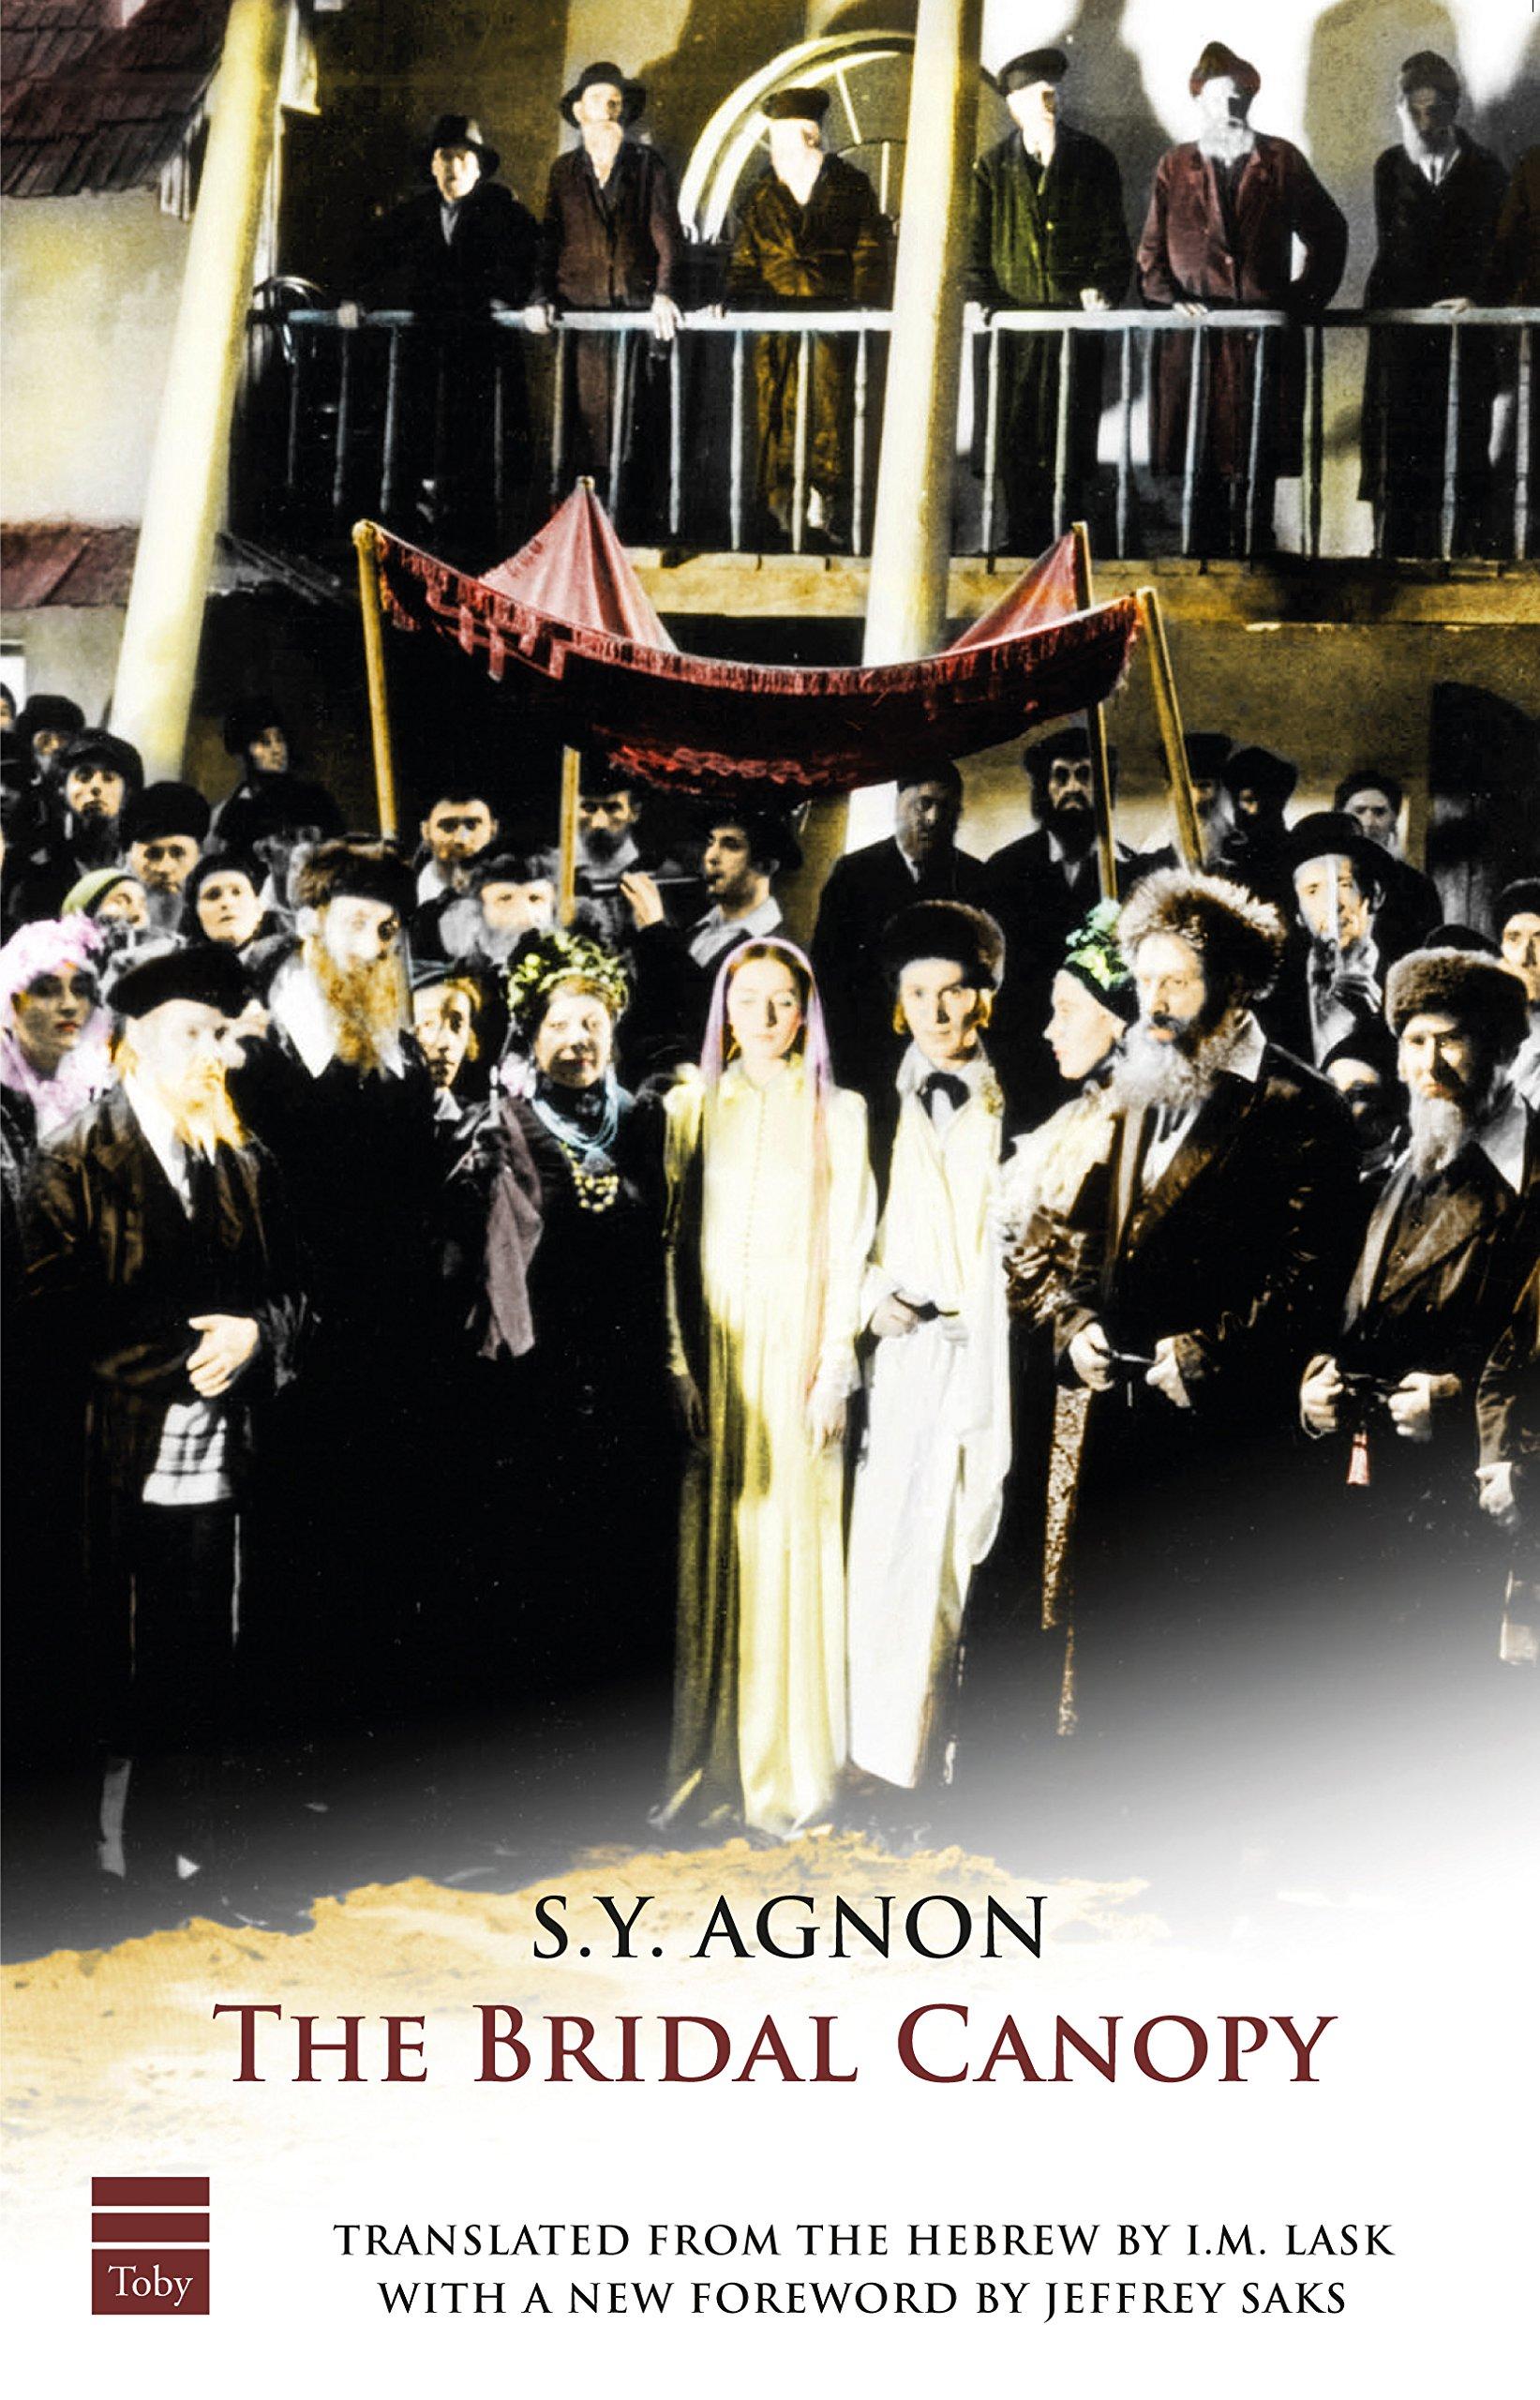 & The Bridal Canopy: S. Y. Agnon: 9781592643547: Amazon.com: Books